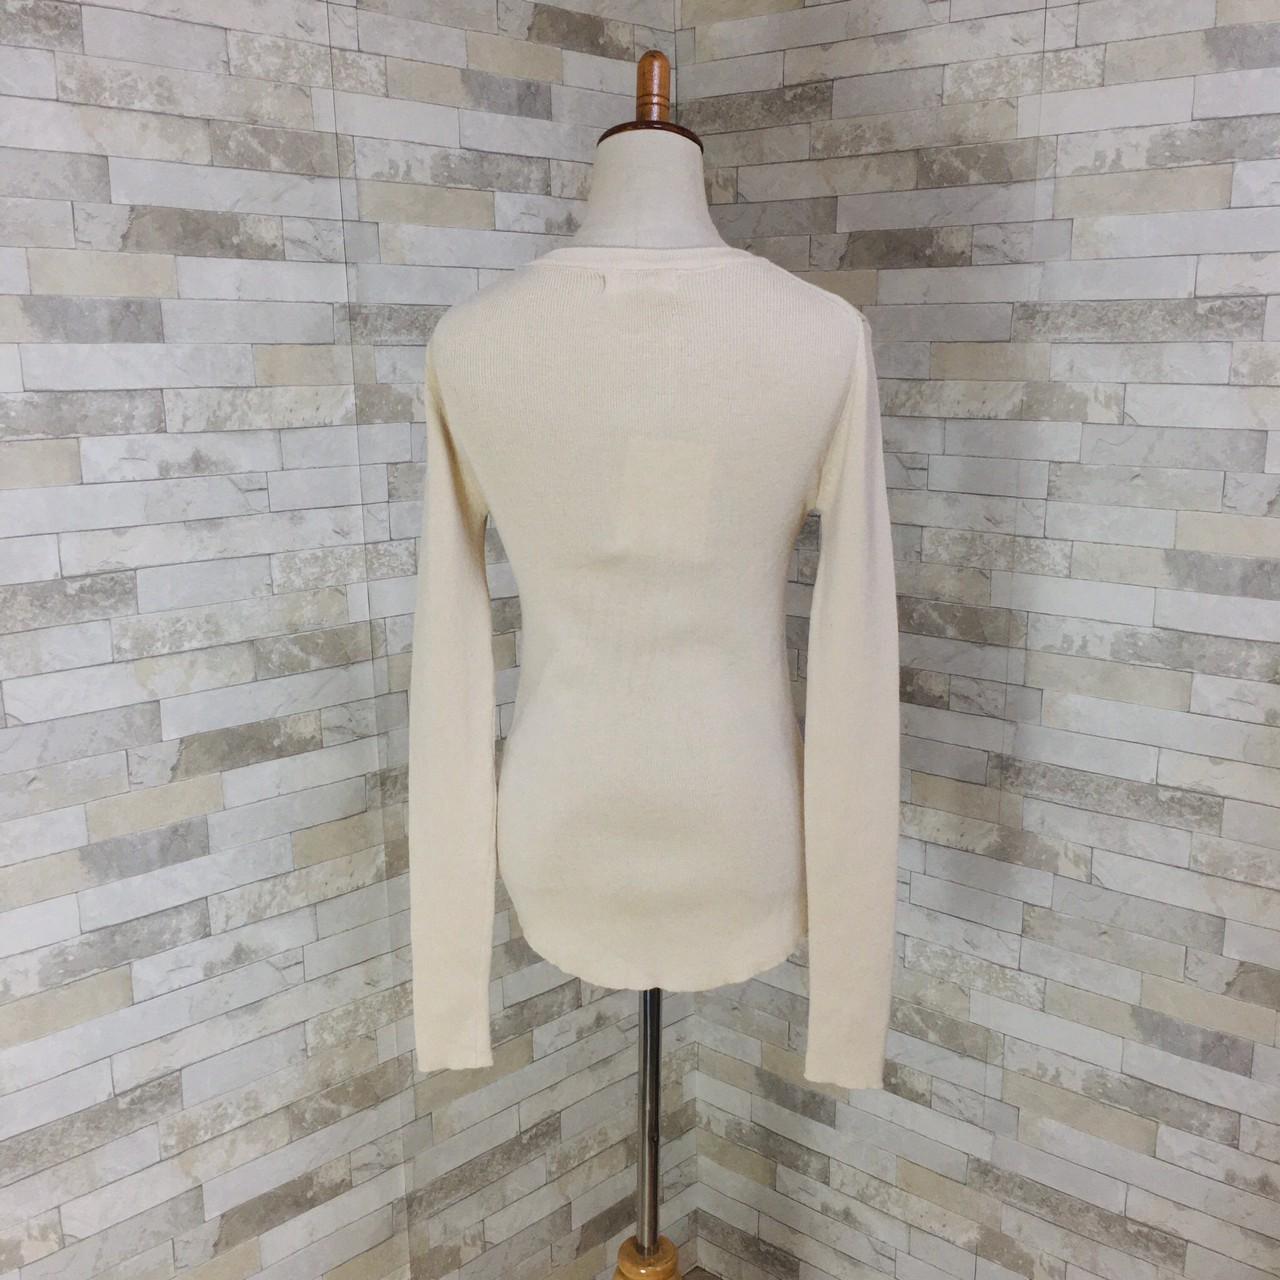 韓国 ファッション トップス ニット セーター 春 夏 秋 カジュアル PTXI258  シアー 薄手 リブニット ジャケットインナー オルチャン シンプル 定番 セレカジの写真19枚目